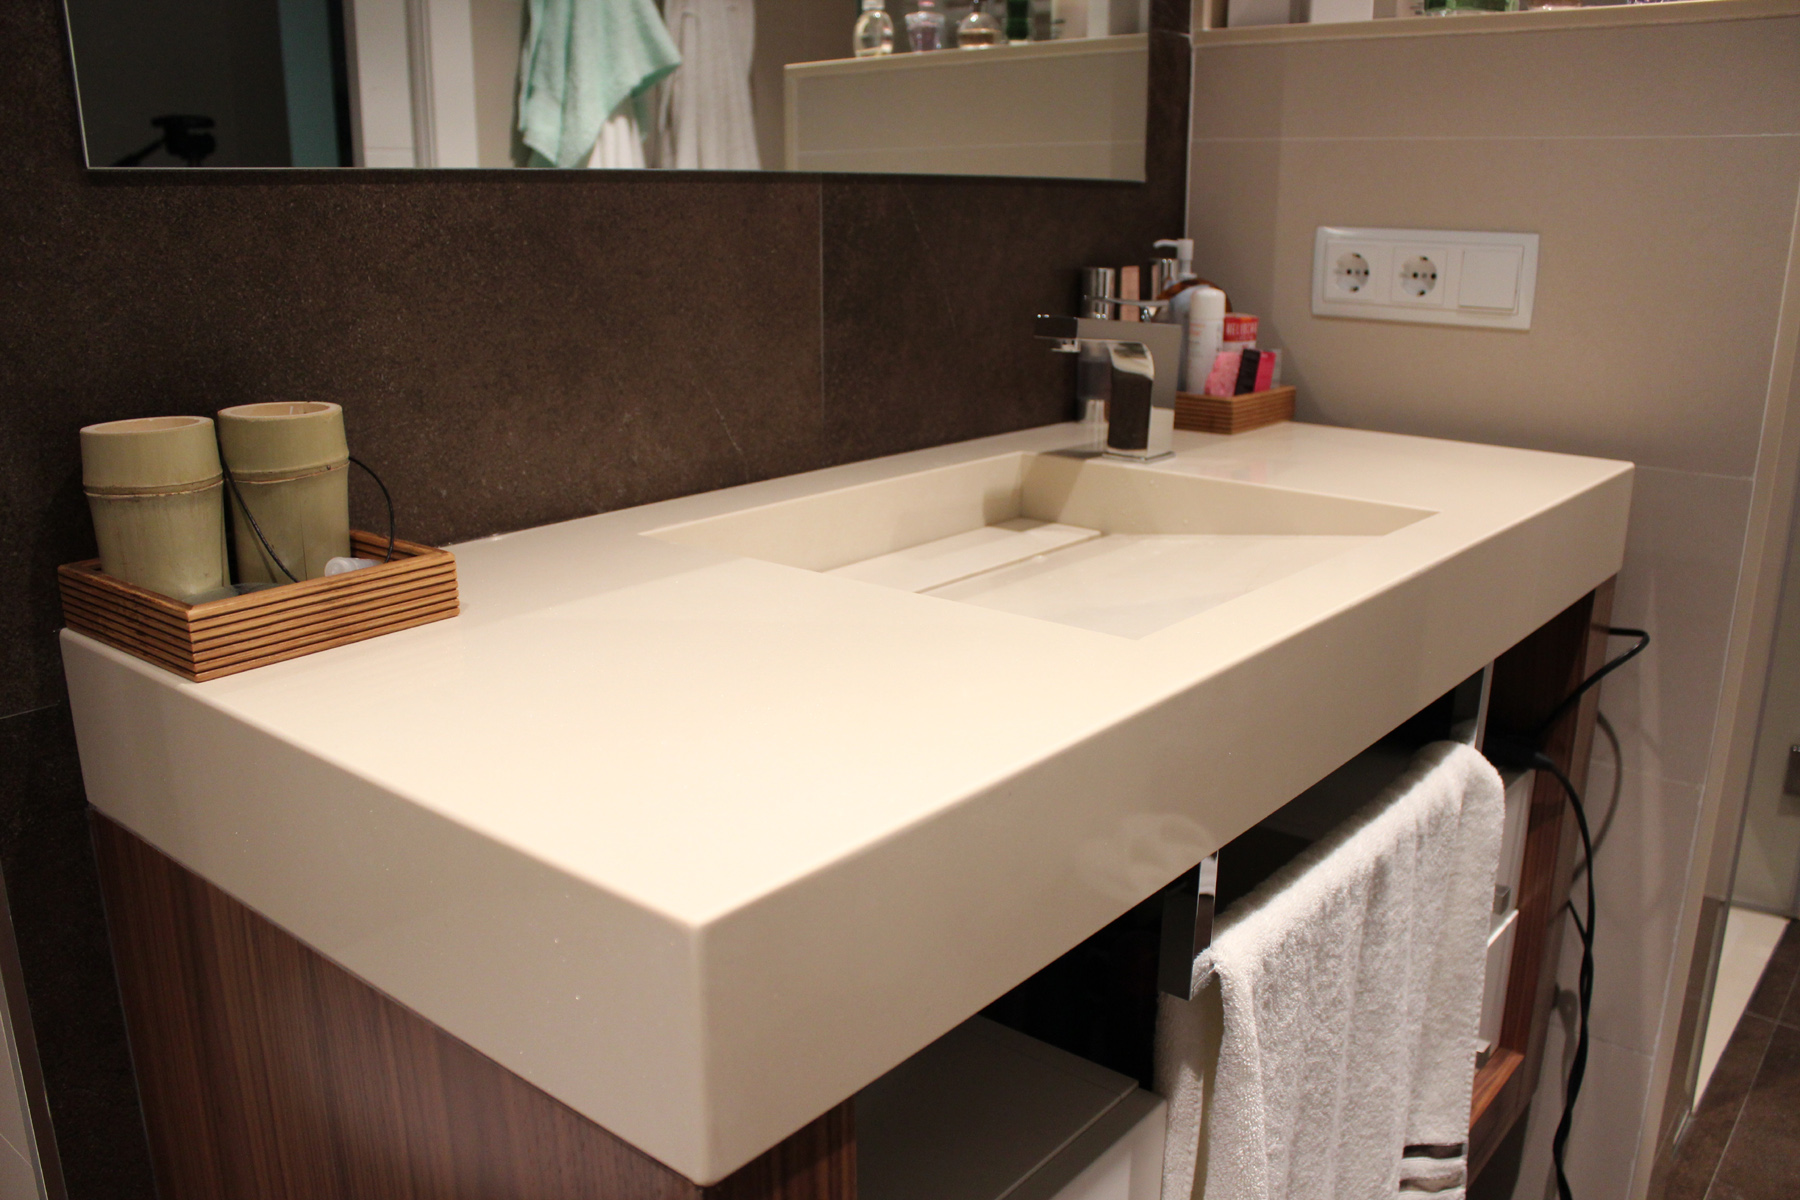 Mobiliario con lavamanos santiago darder arquitecto t cnico for Lavamanos empotrados